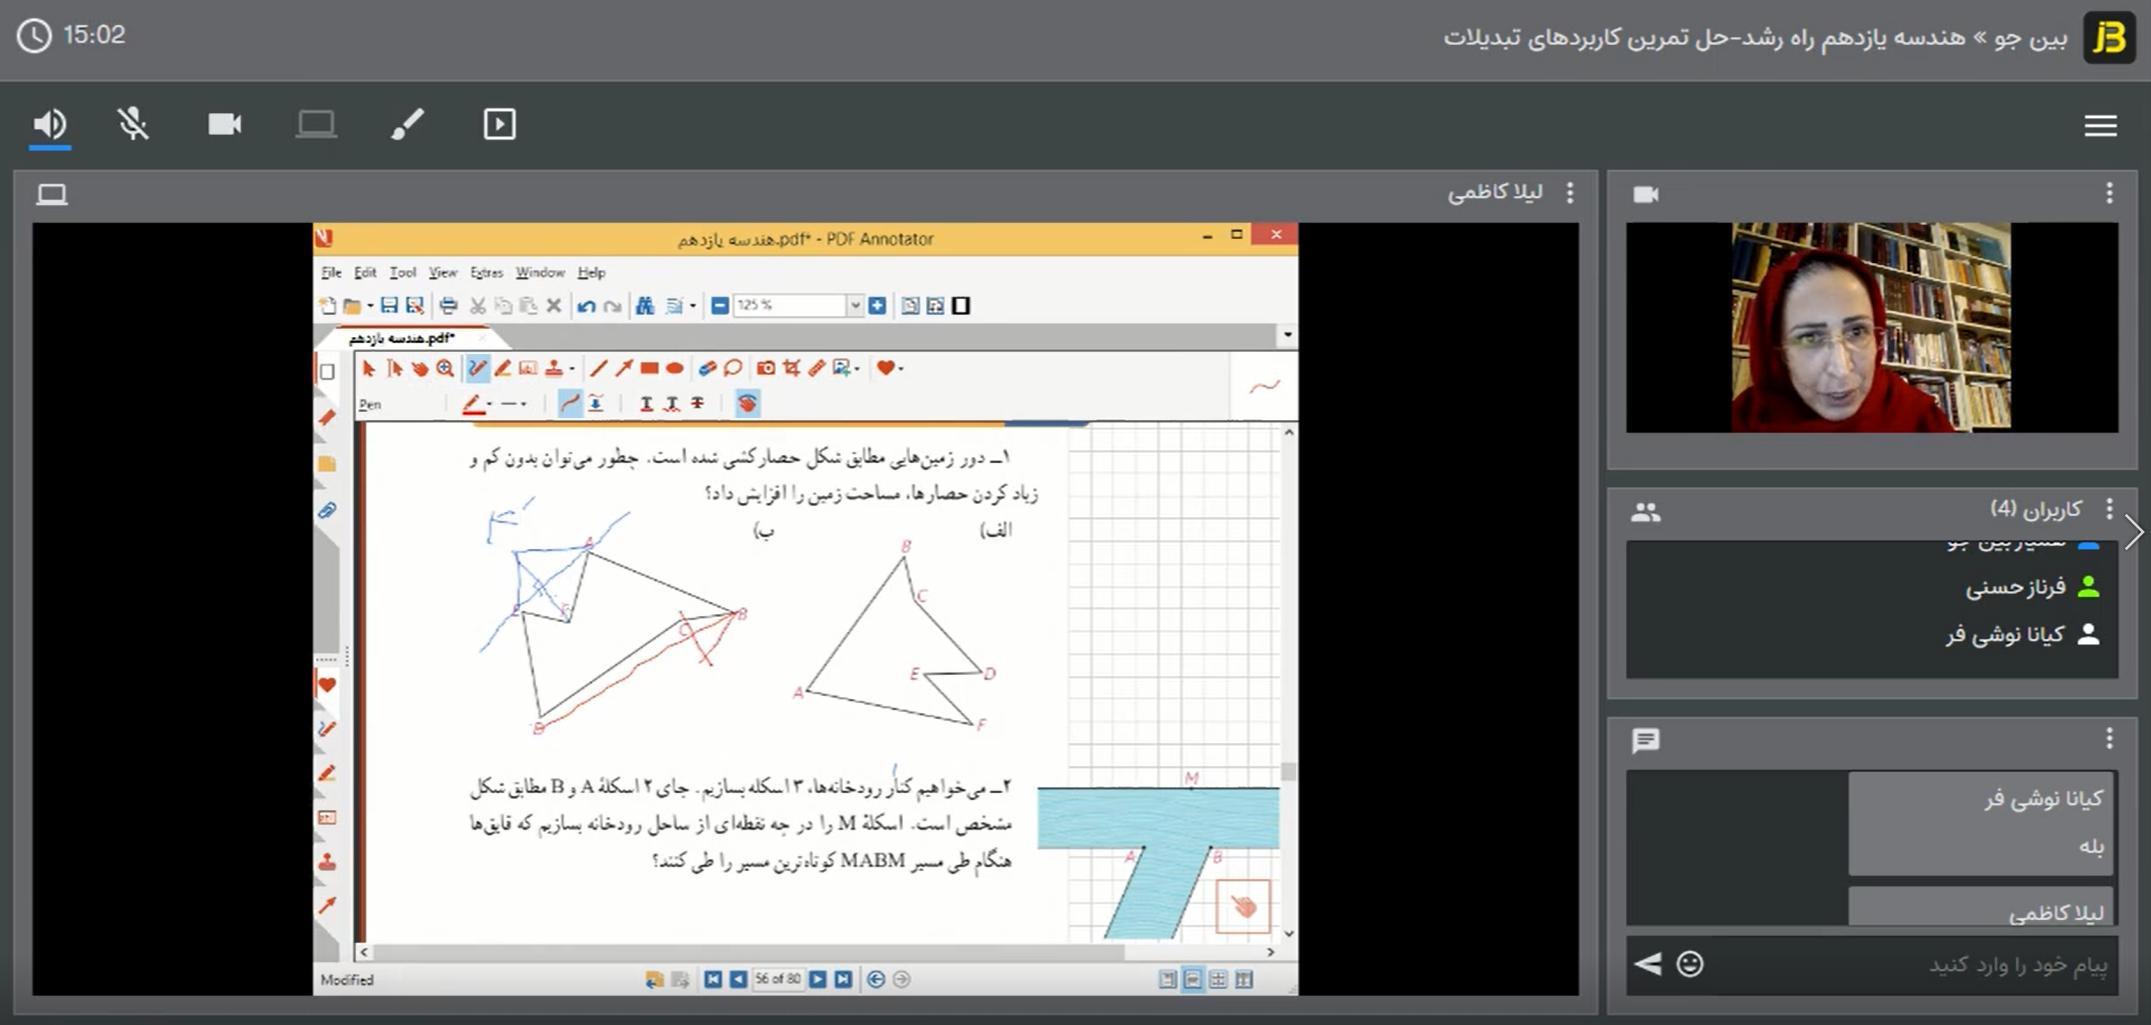 هندسه-یازدهم-حل-تمرین-کاربردهای-تبدیلات